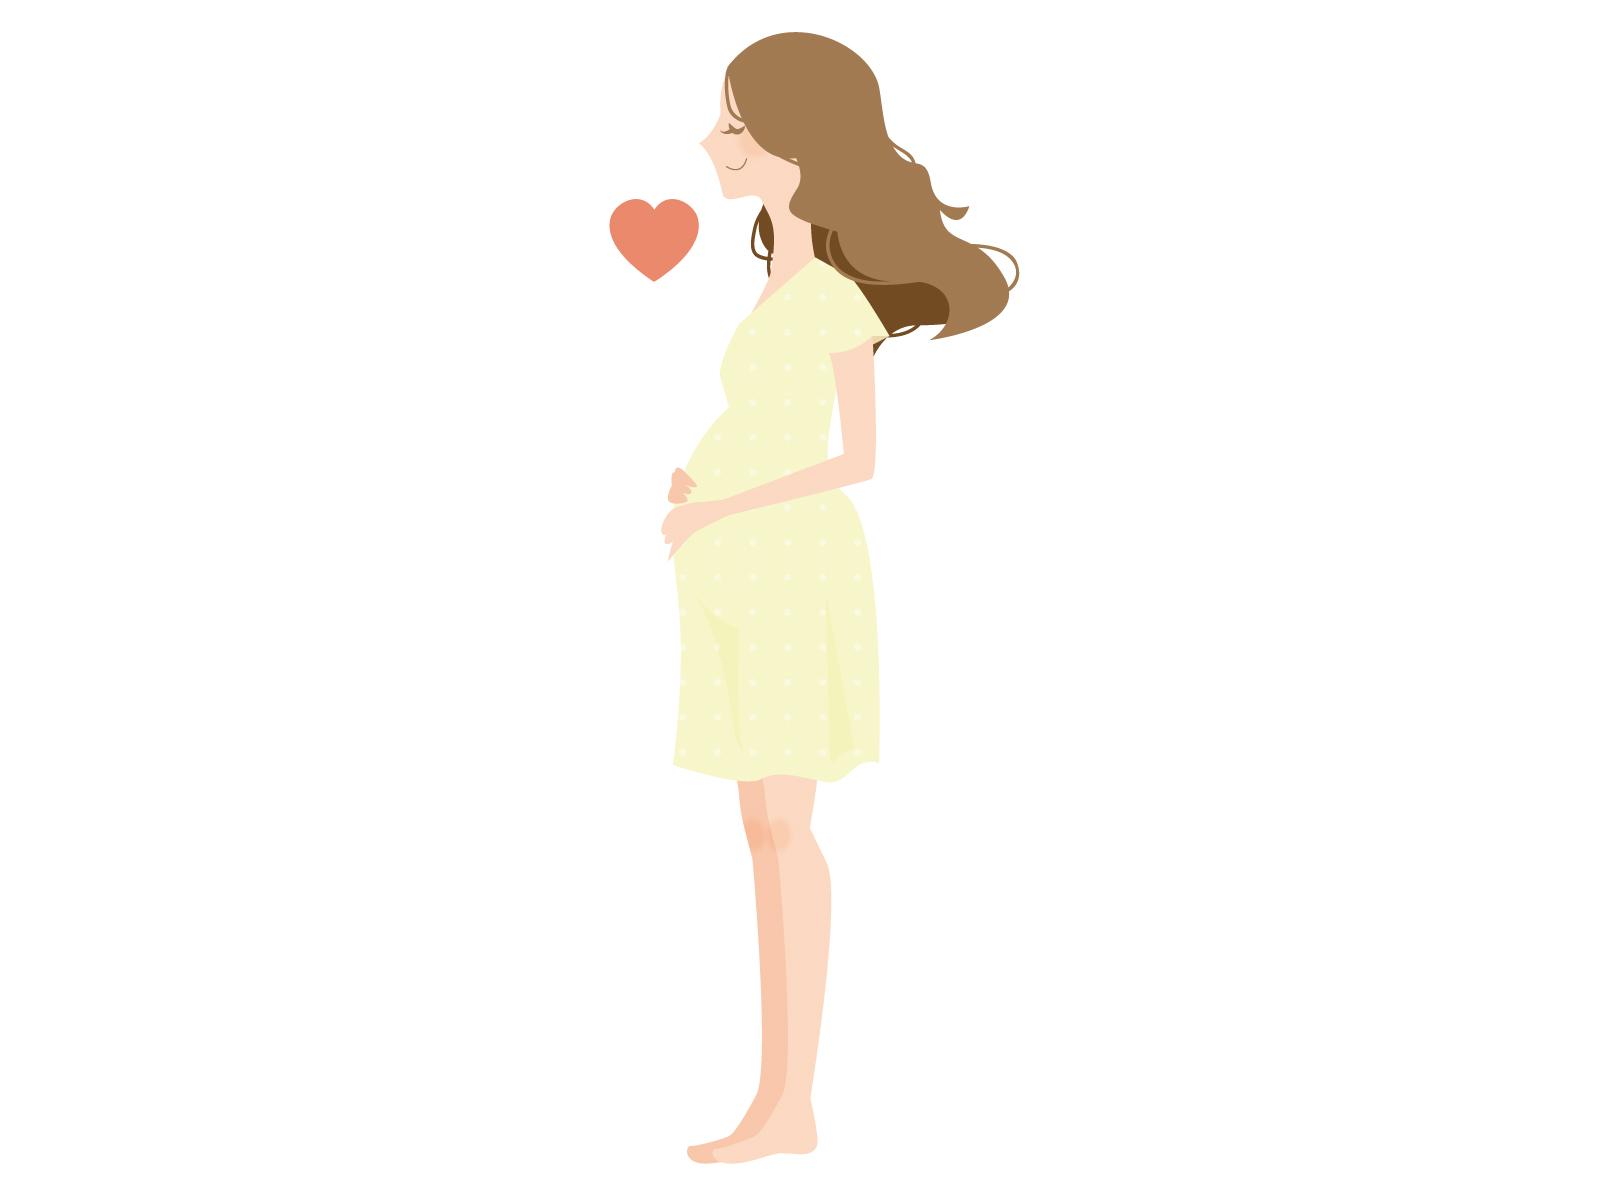 妊娠前より10キロ増えた体重を糖質制限1か月で5キロ減らした方法